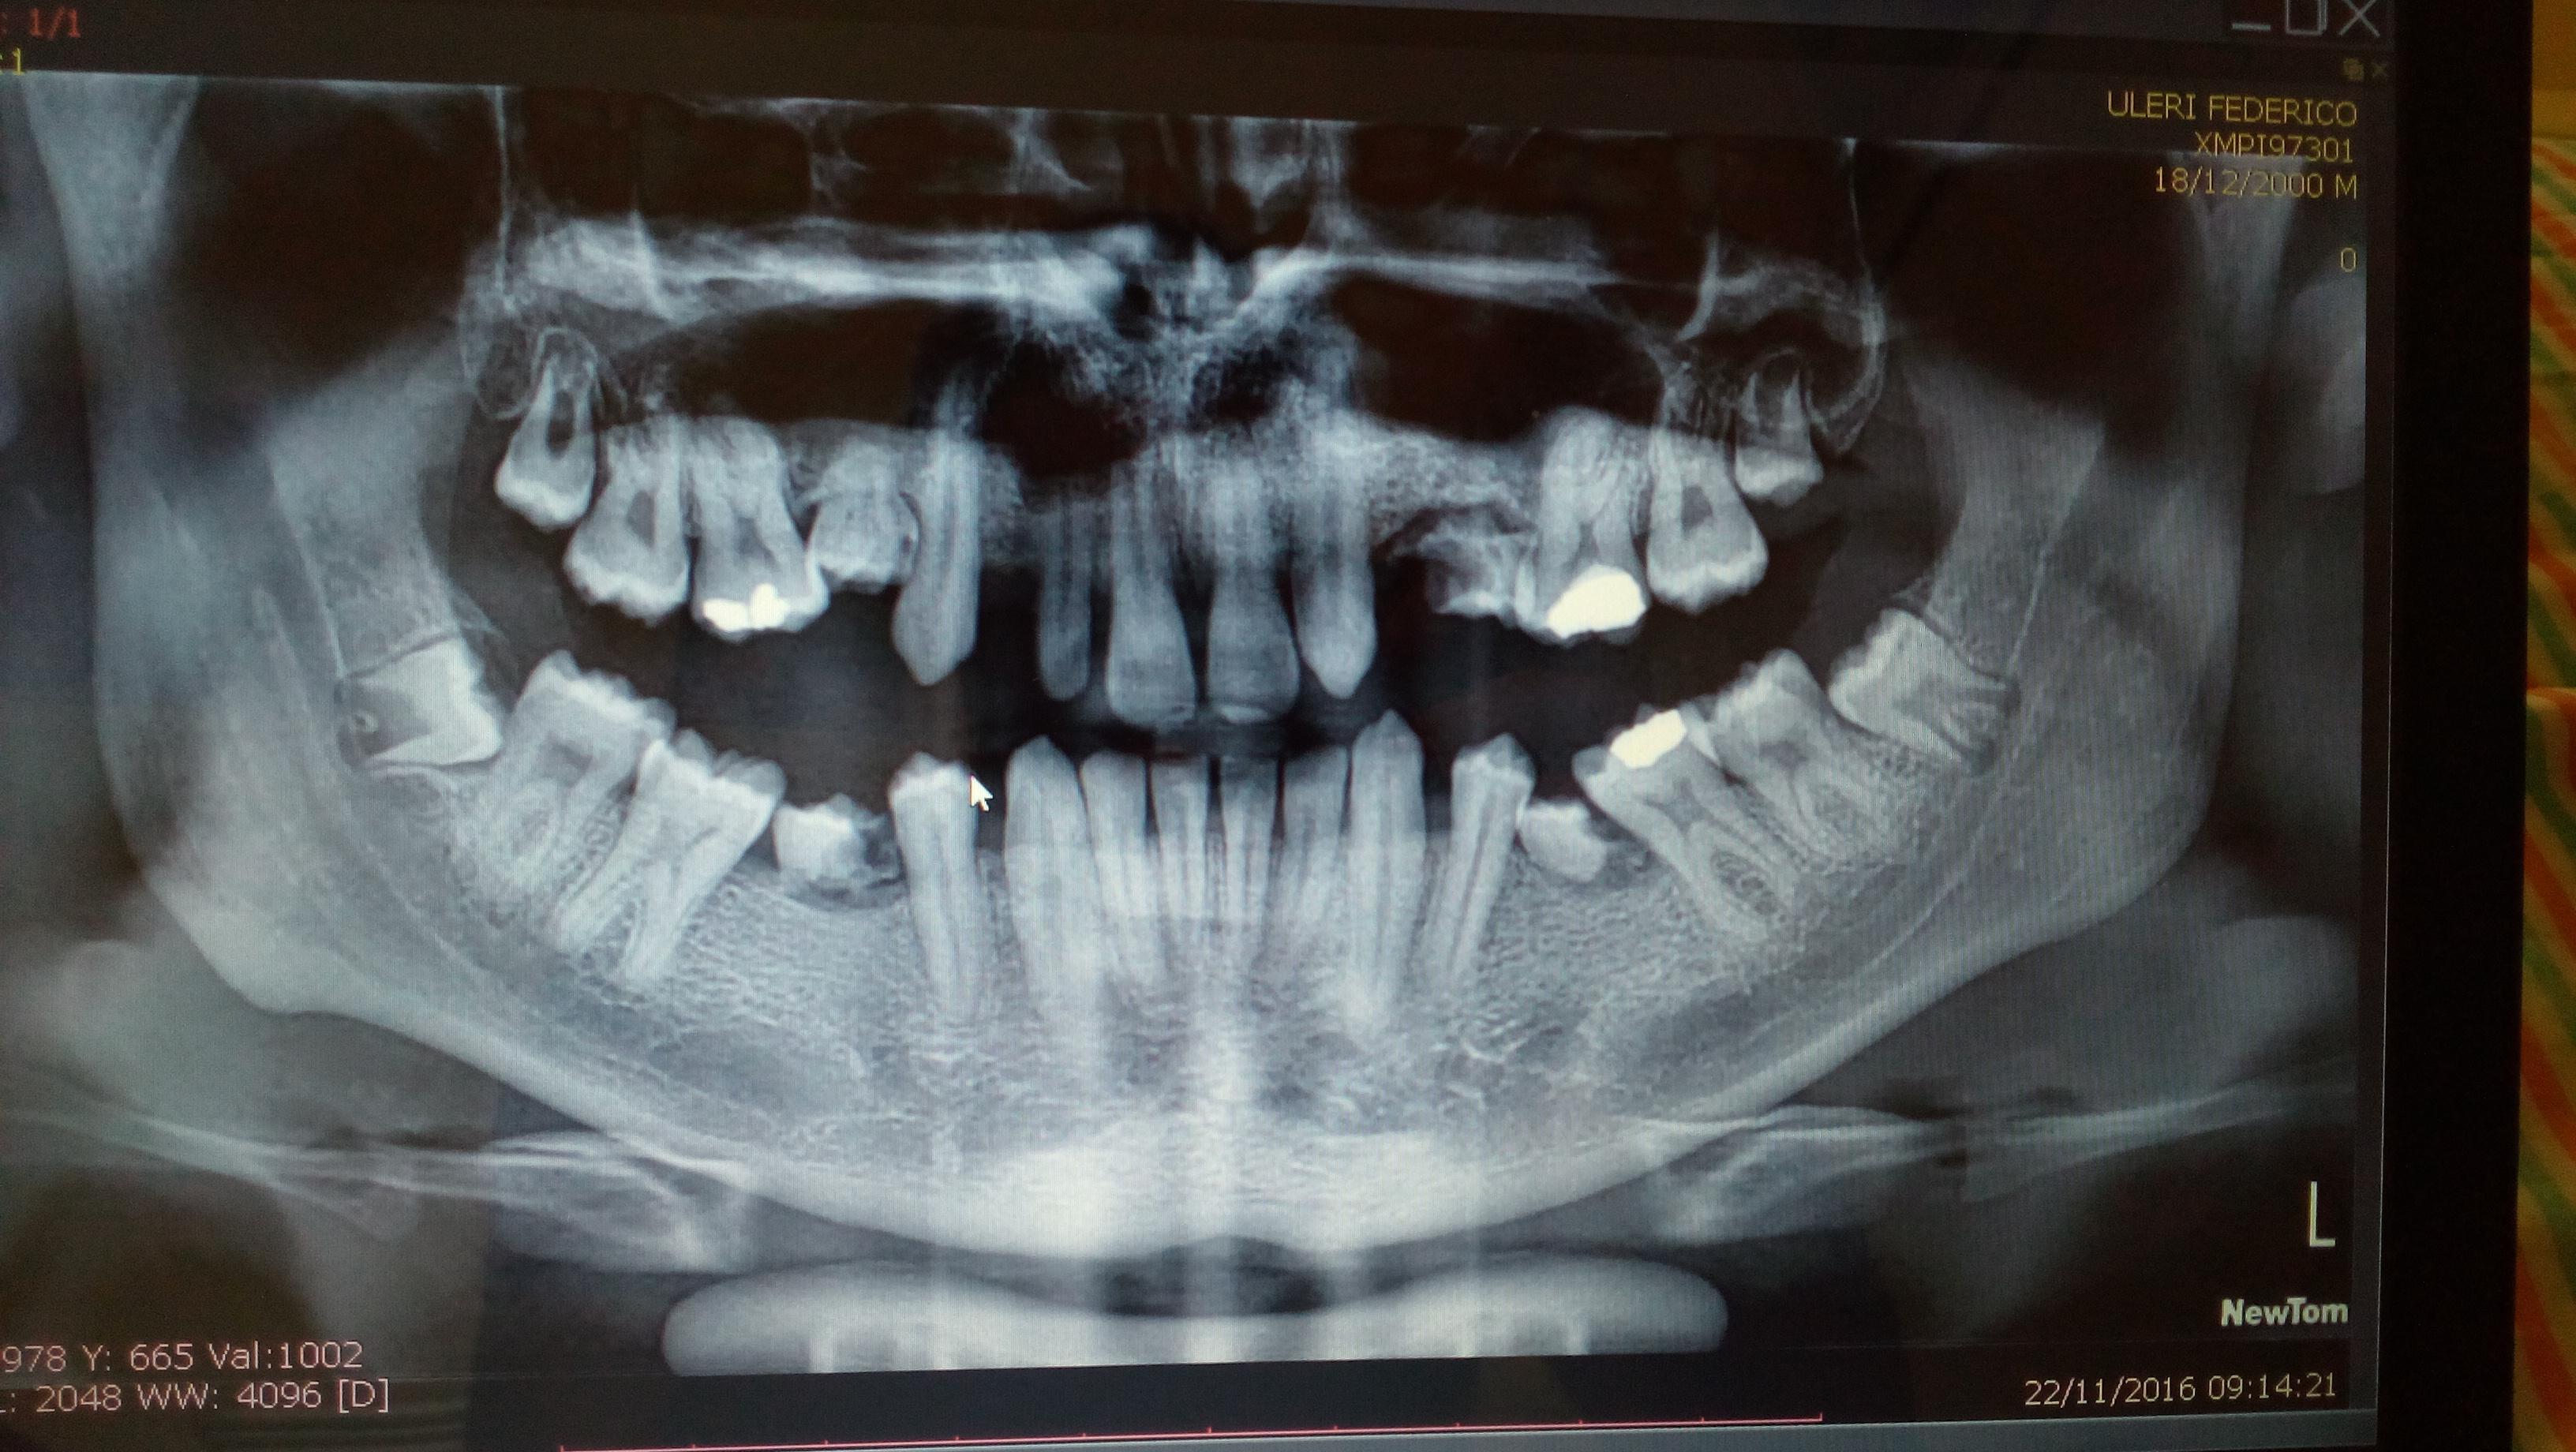 E' normale l'assenza di tutti i premolari sul palato superiore?